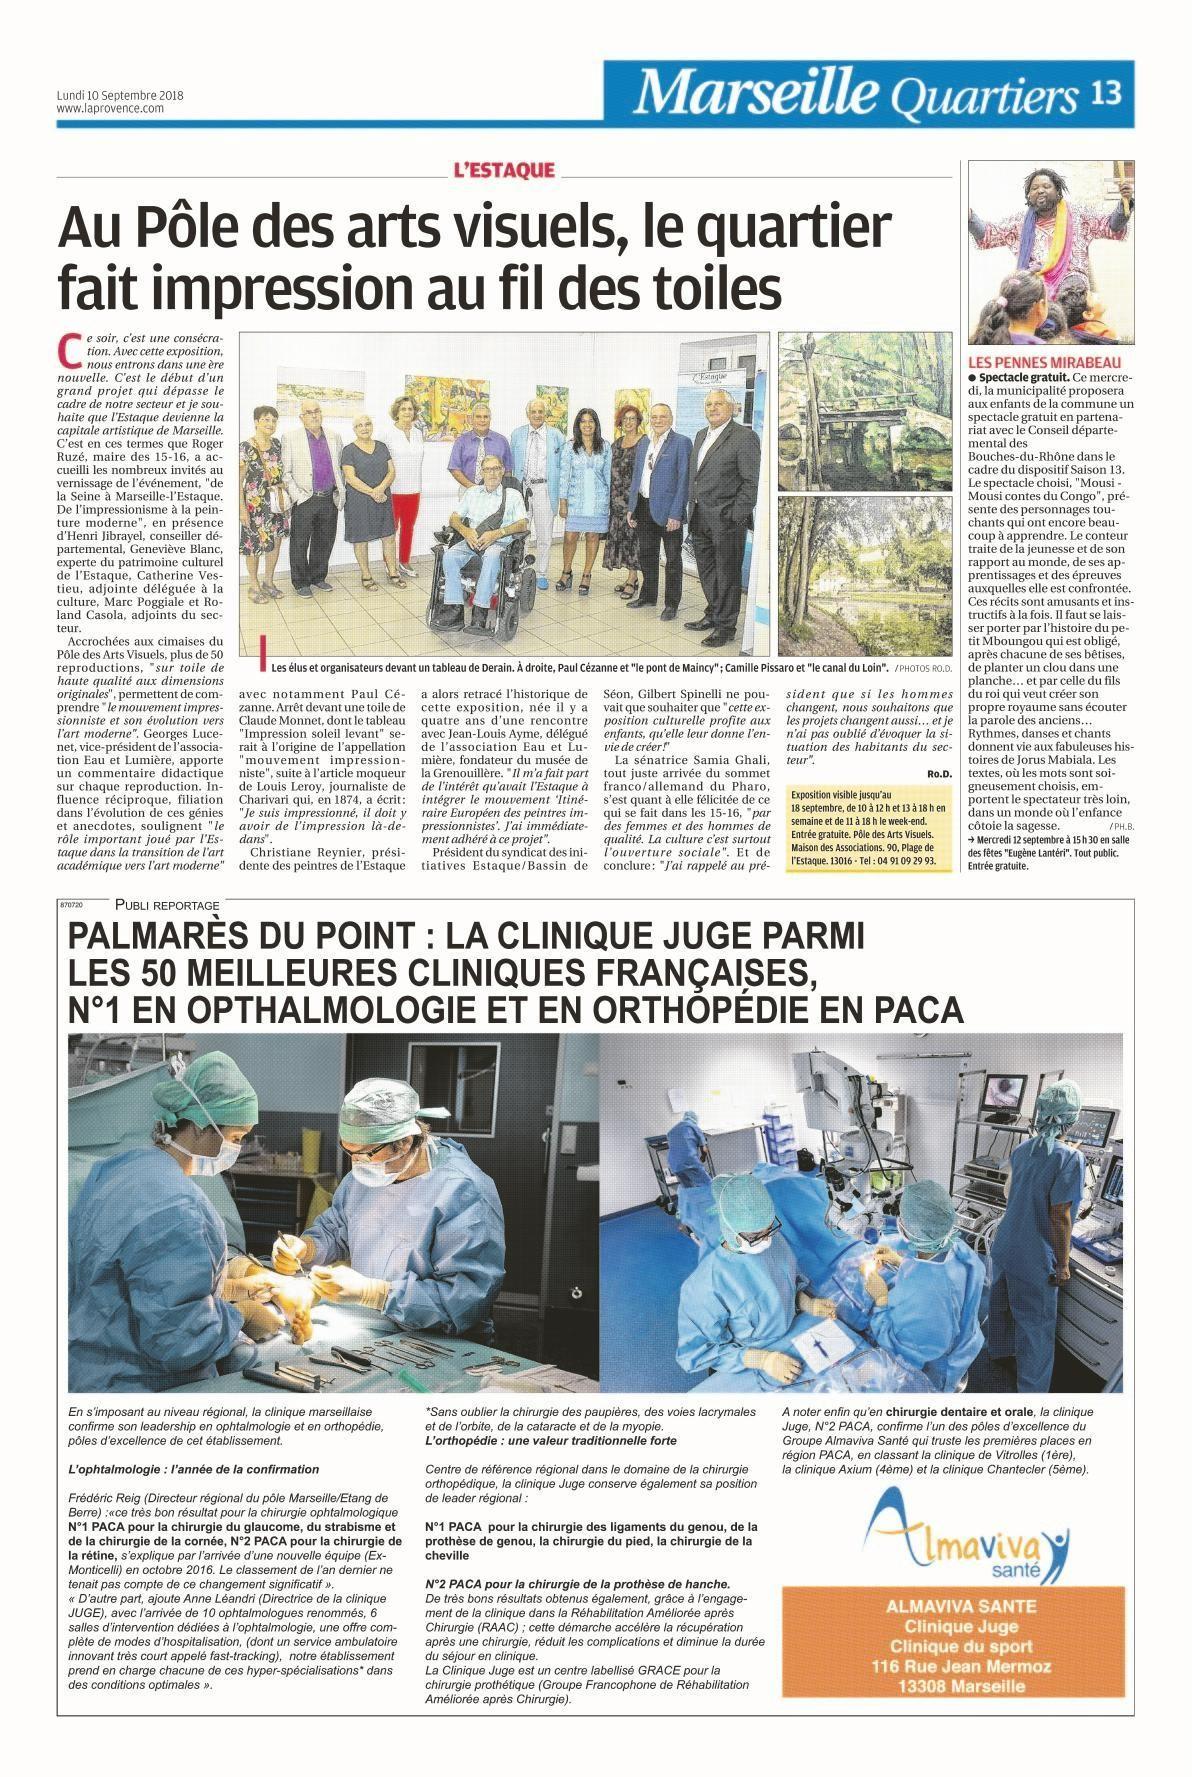 La clinique Juge parmi les 50 meilleures cliniques françaises